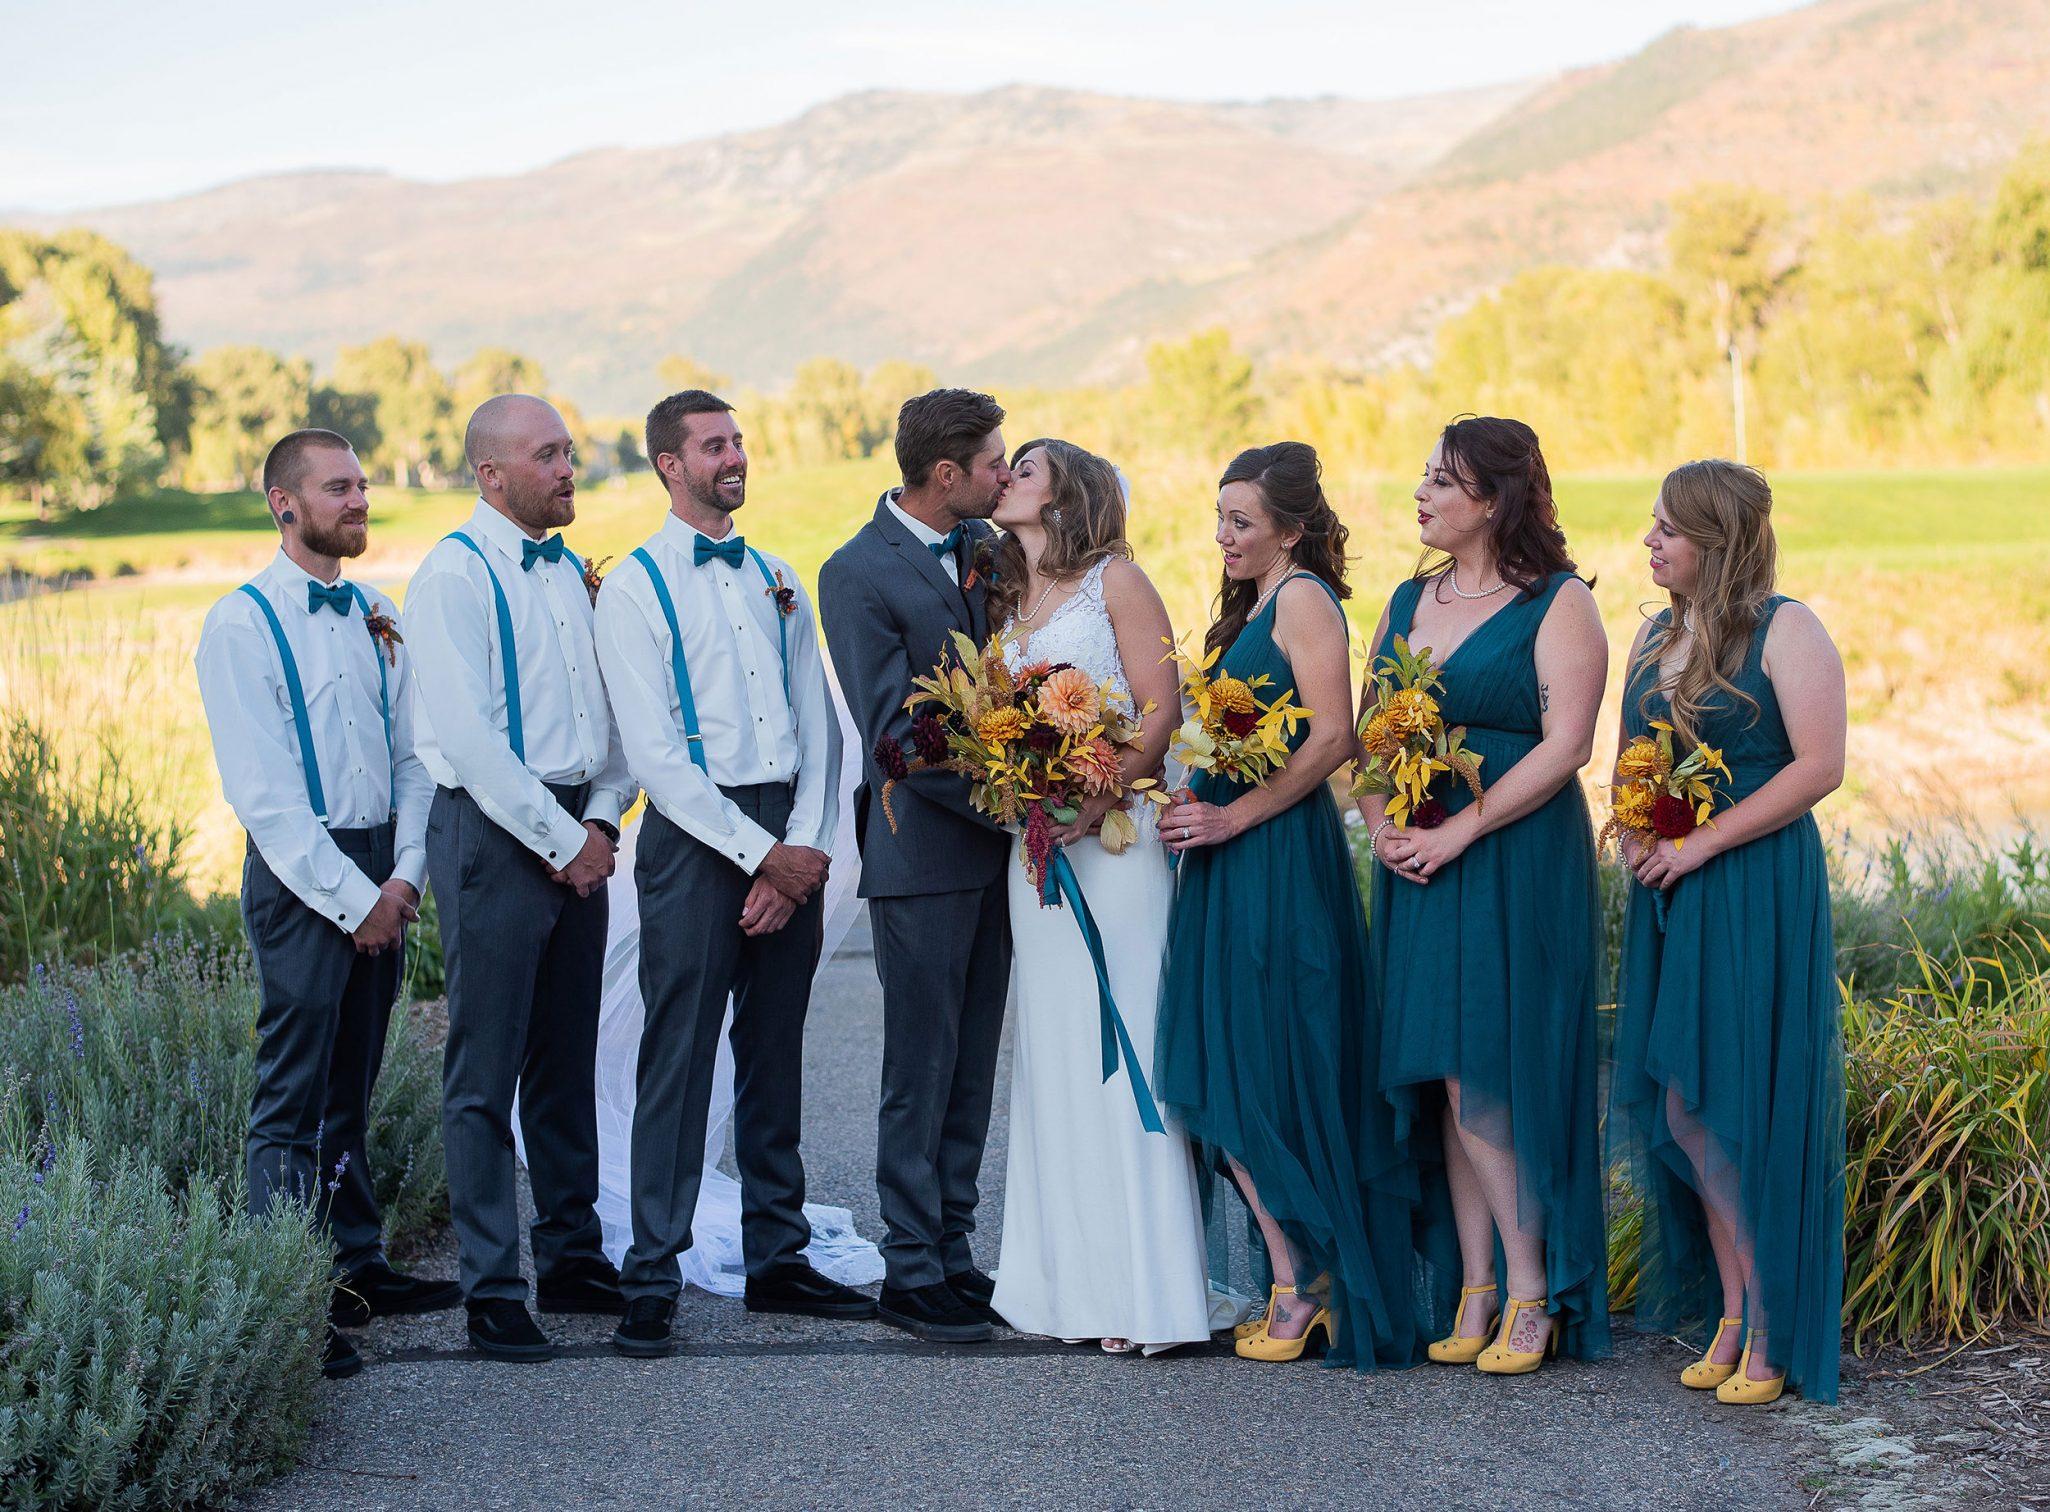 Vintage glam wedding party at Dalton Ranch Golf Club, Durango Colorado